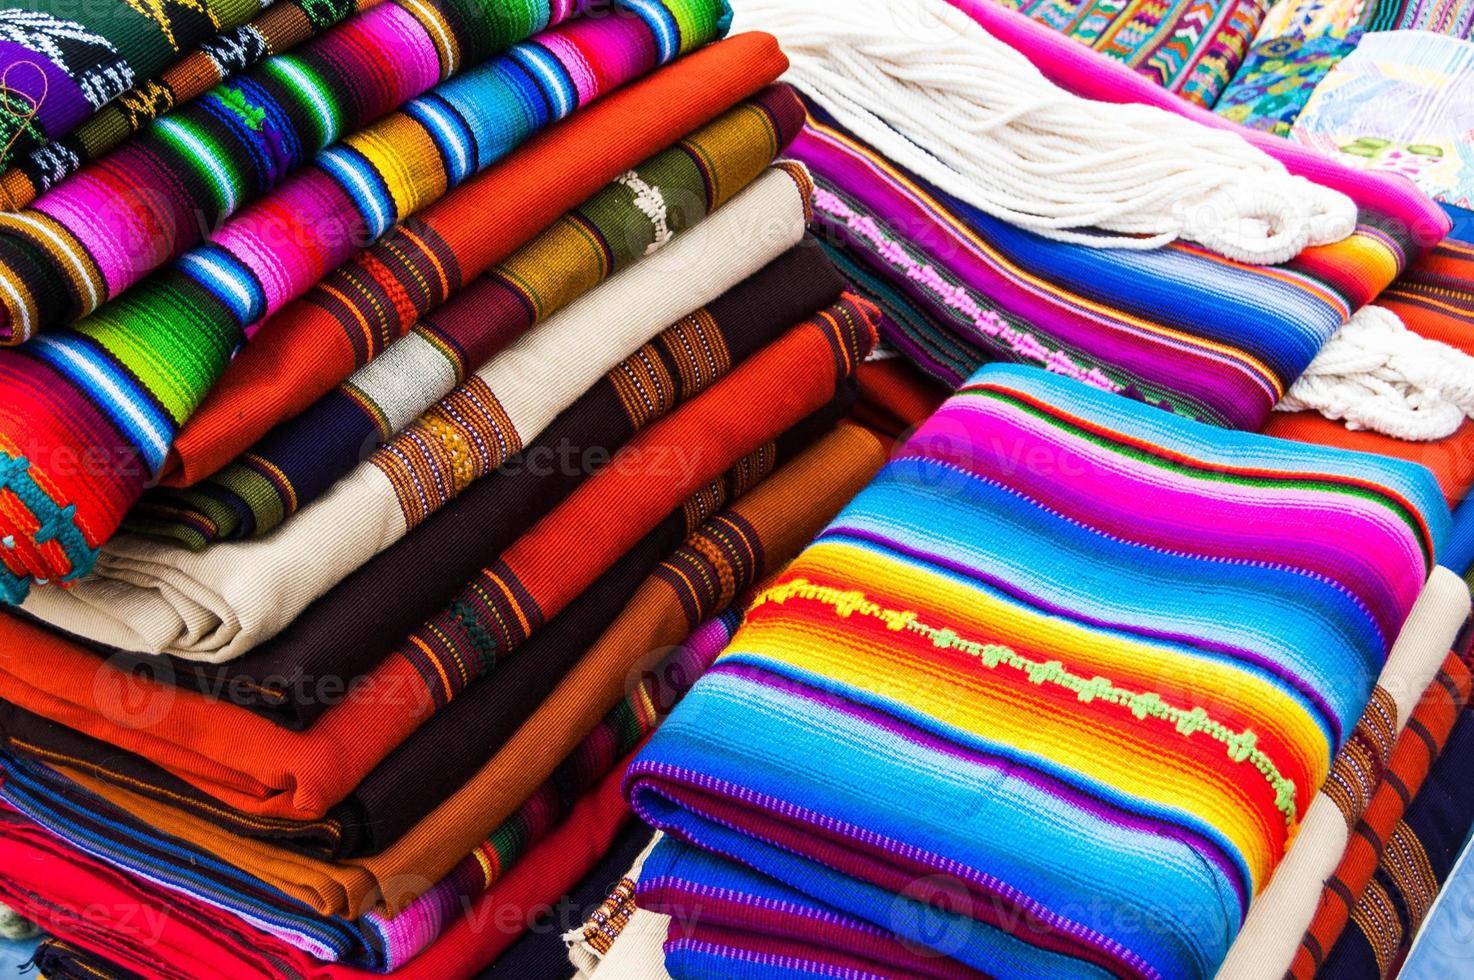 färgglada handvävda guatemalska textilier foto